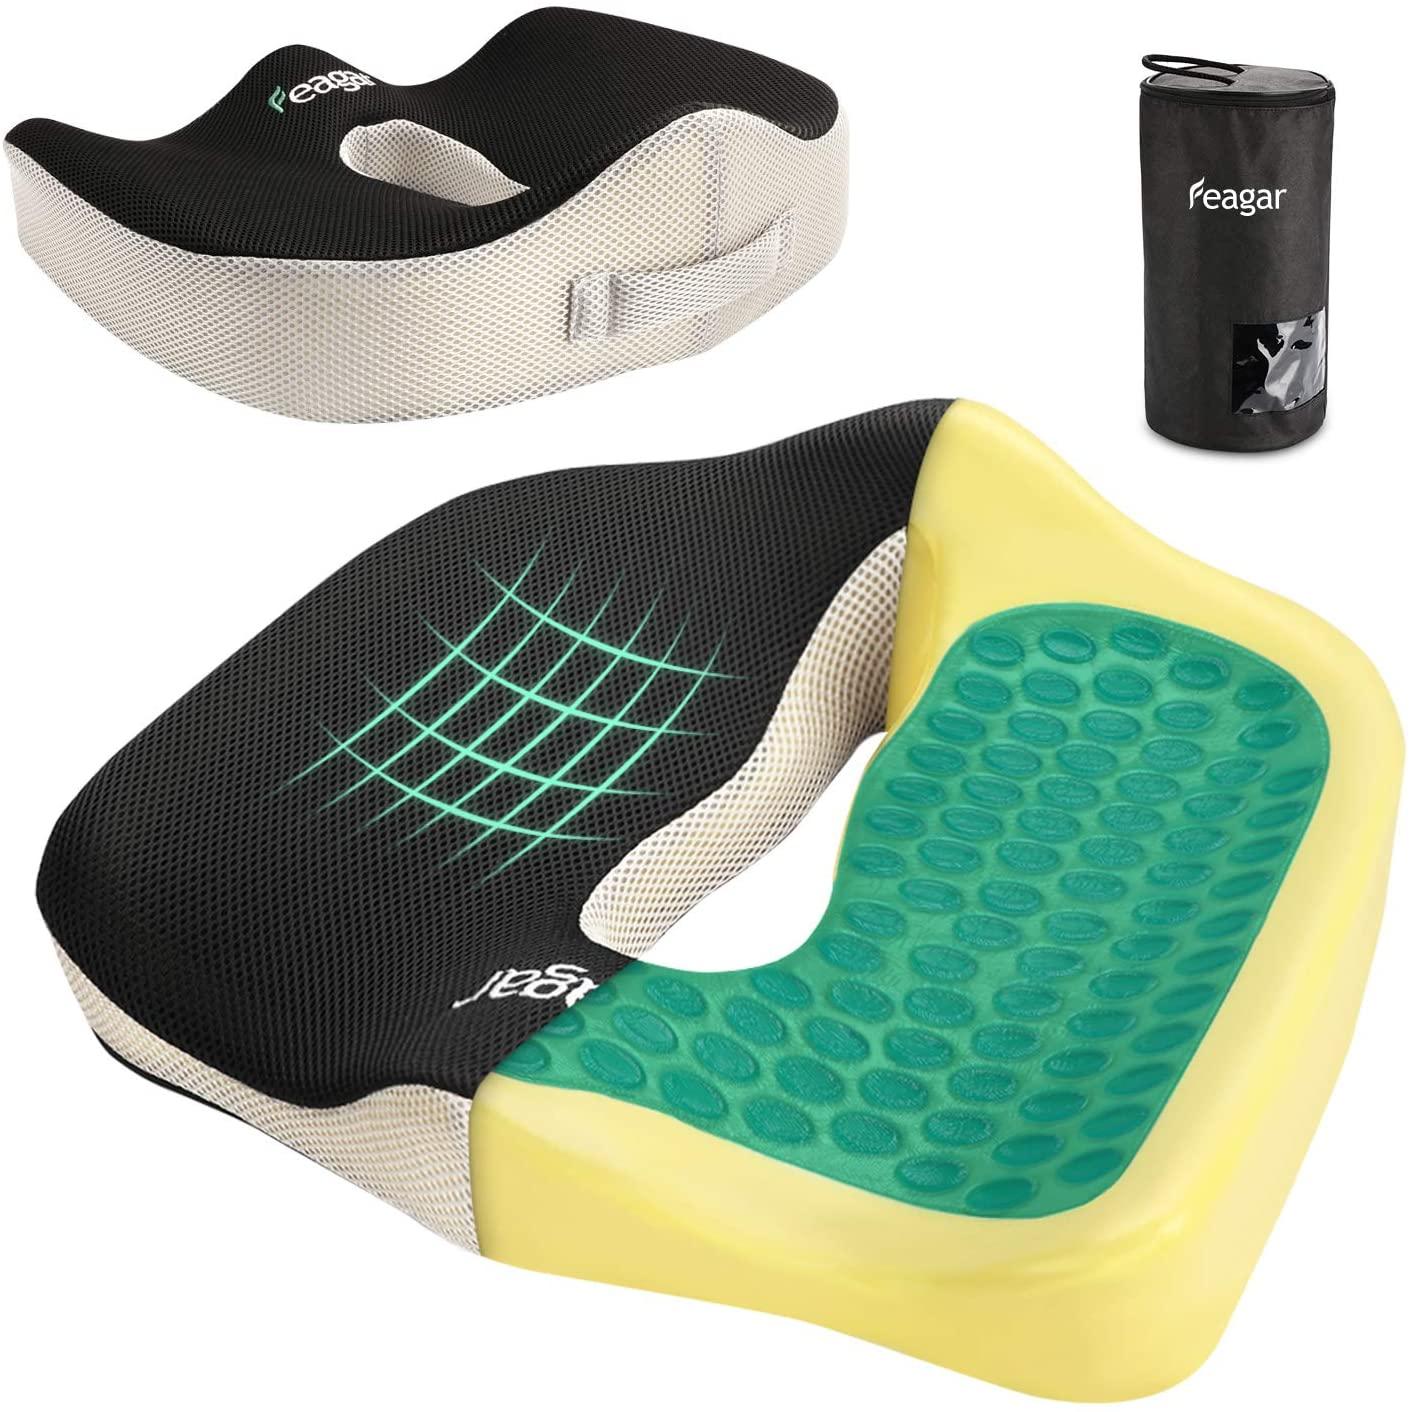 Feagar Gel Chair Seat Cushion - Orthopedic & Memory Foam Coccyx Cushion for Pressure Relief, Tailbone Pain -Butt Cushion for Office, Chairs, Wheelchair, Car - Sciatica Pillow for Sitting, Gel